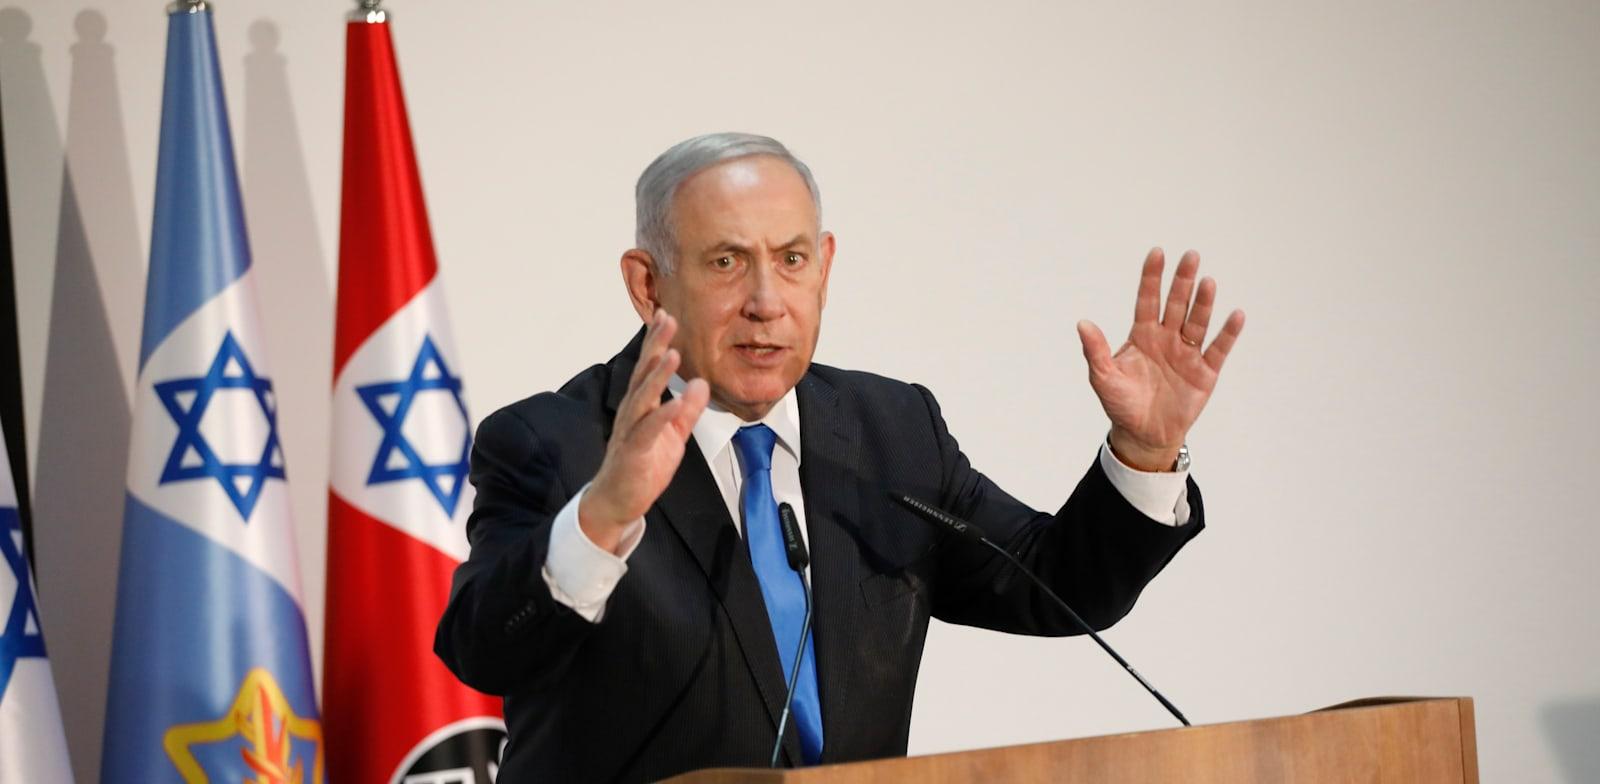 ראש הממשלה בנימין נתניהו / צילום: תומר אפלבאום - הארץ